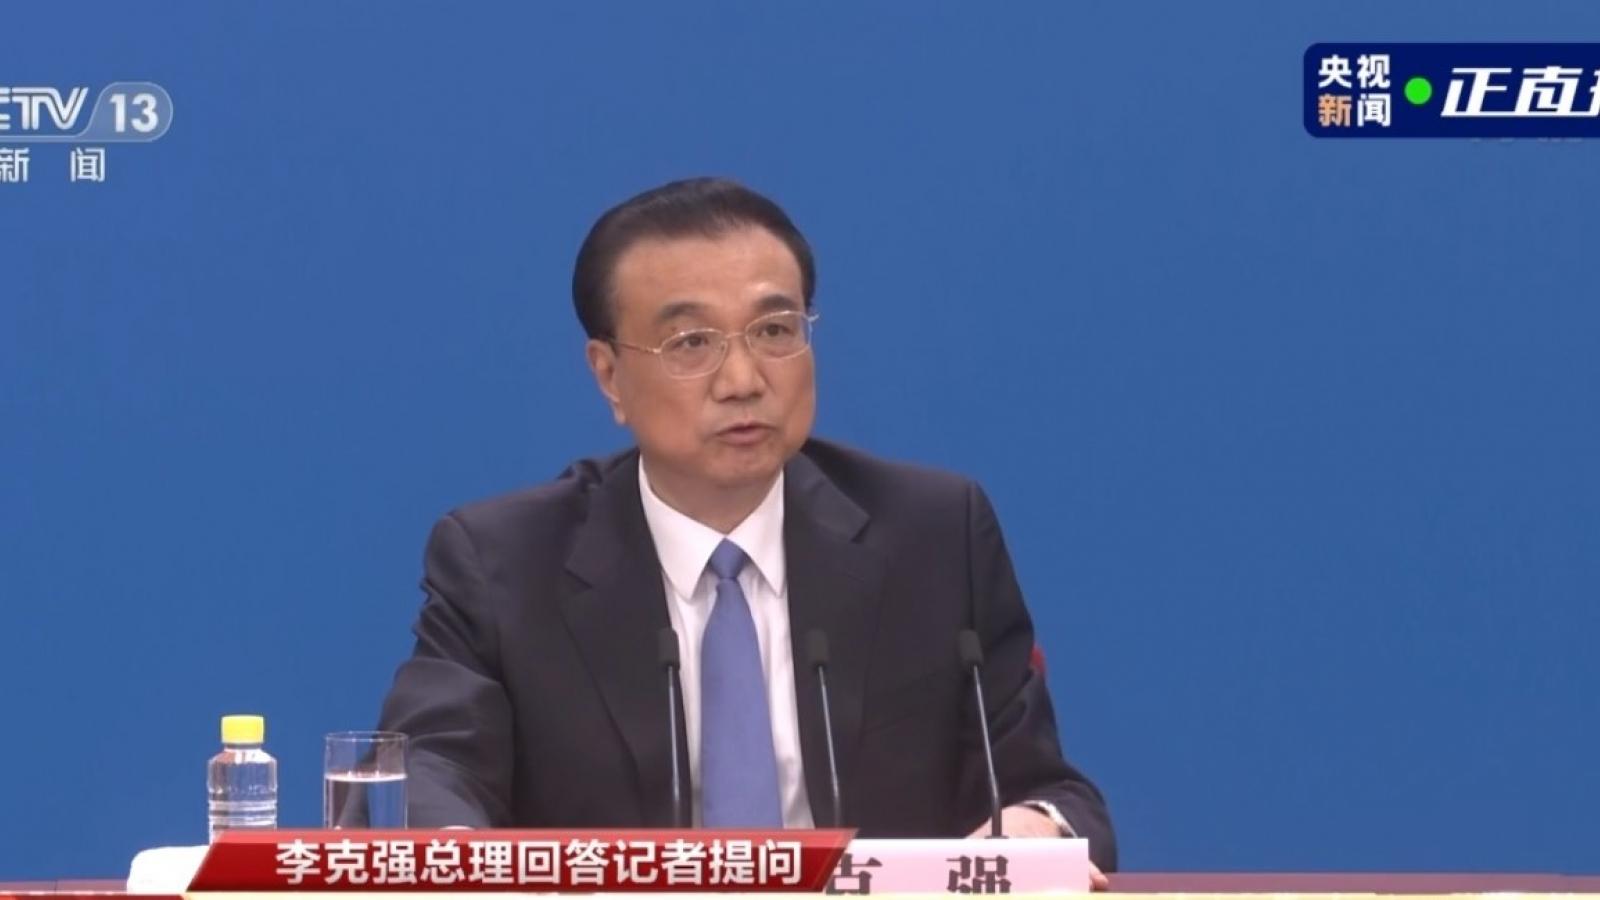 Trung Quốc mong muốn tăng cường đối thoại với Mỹ